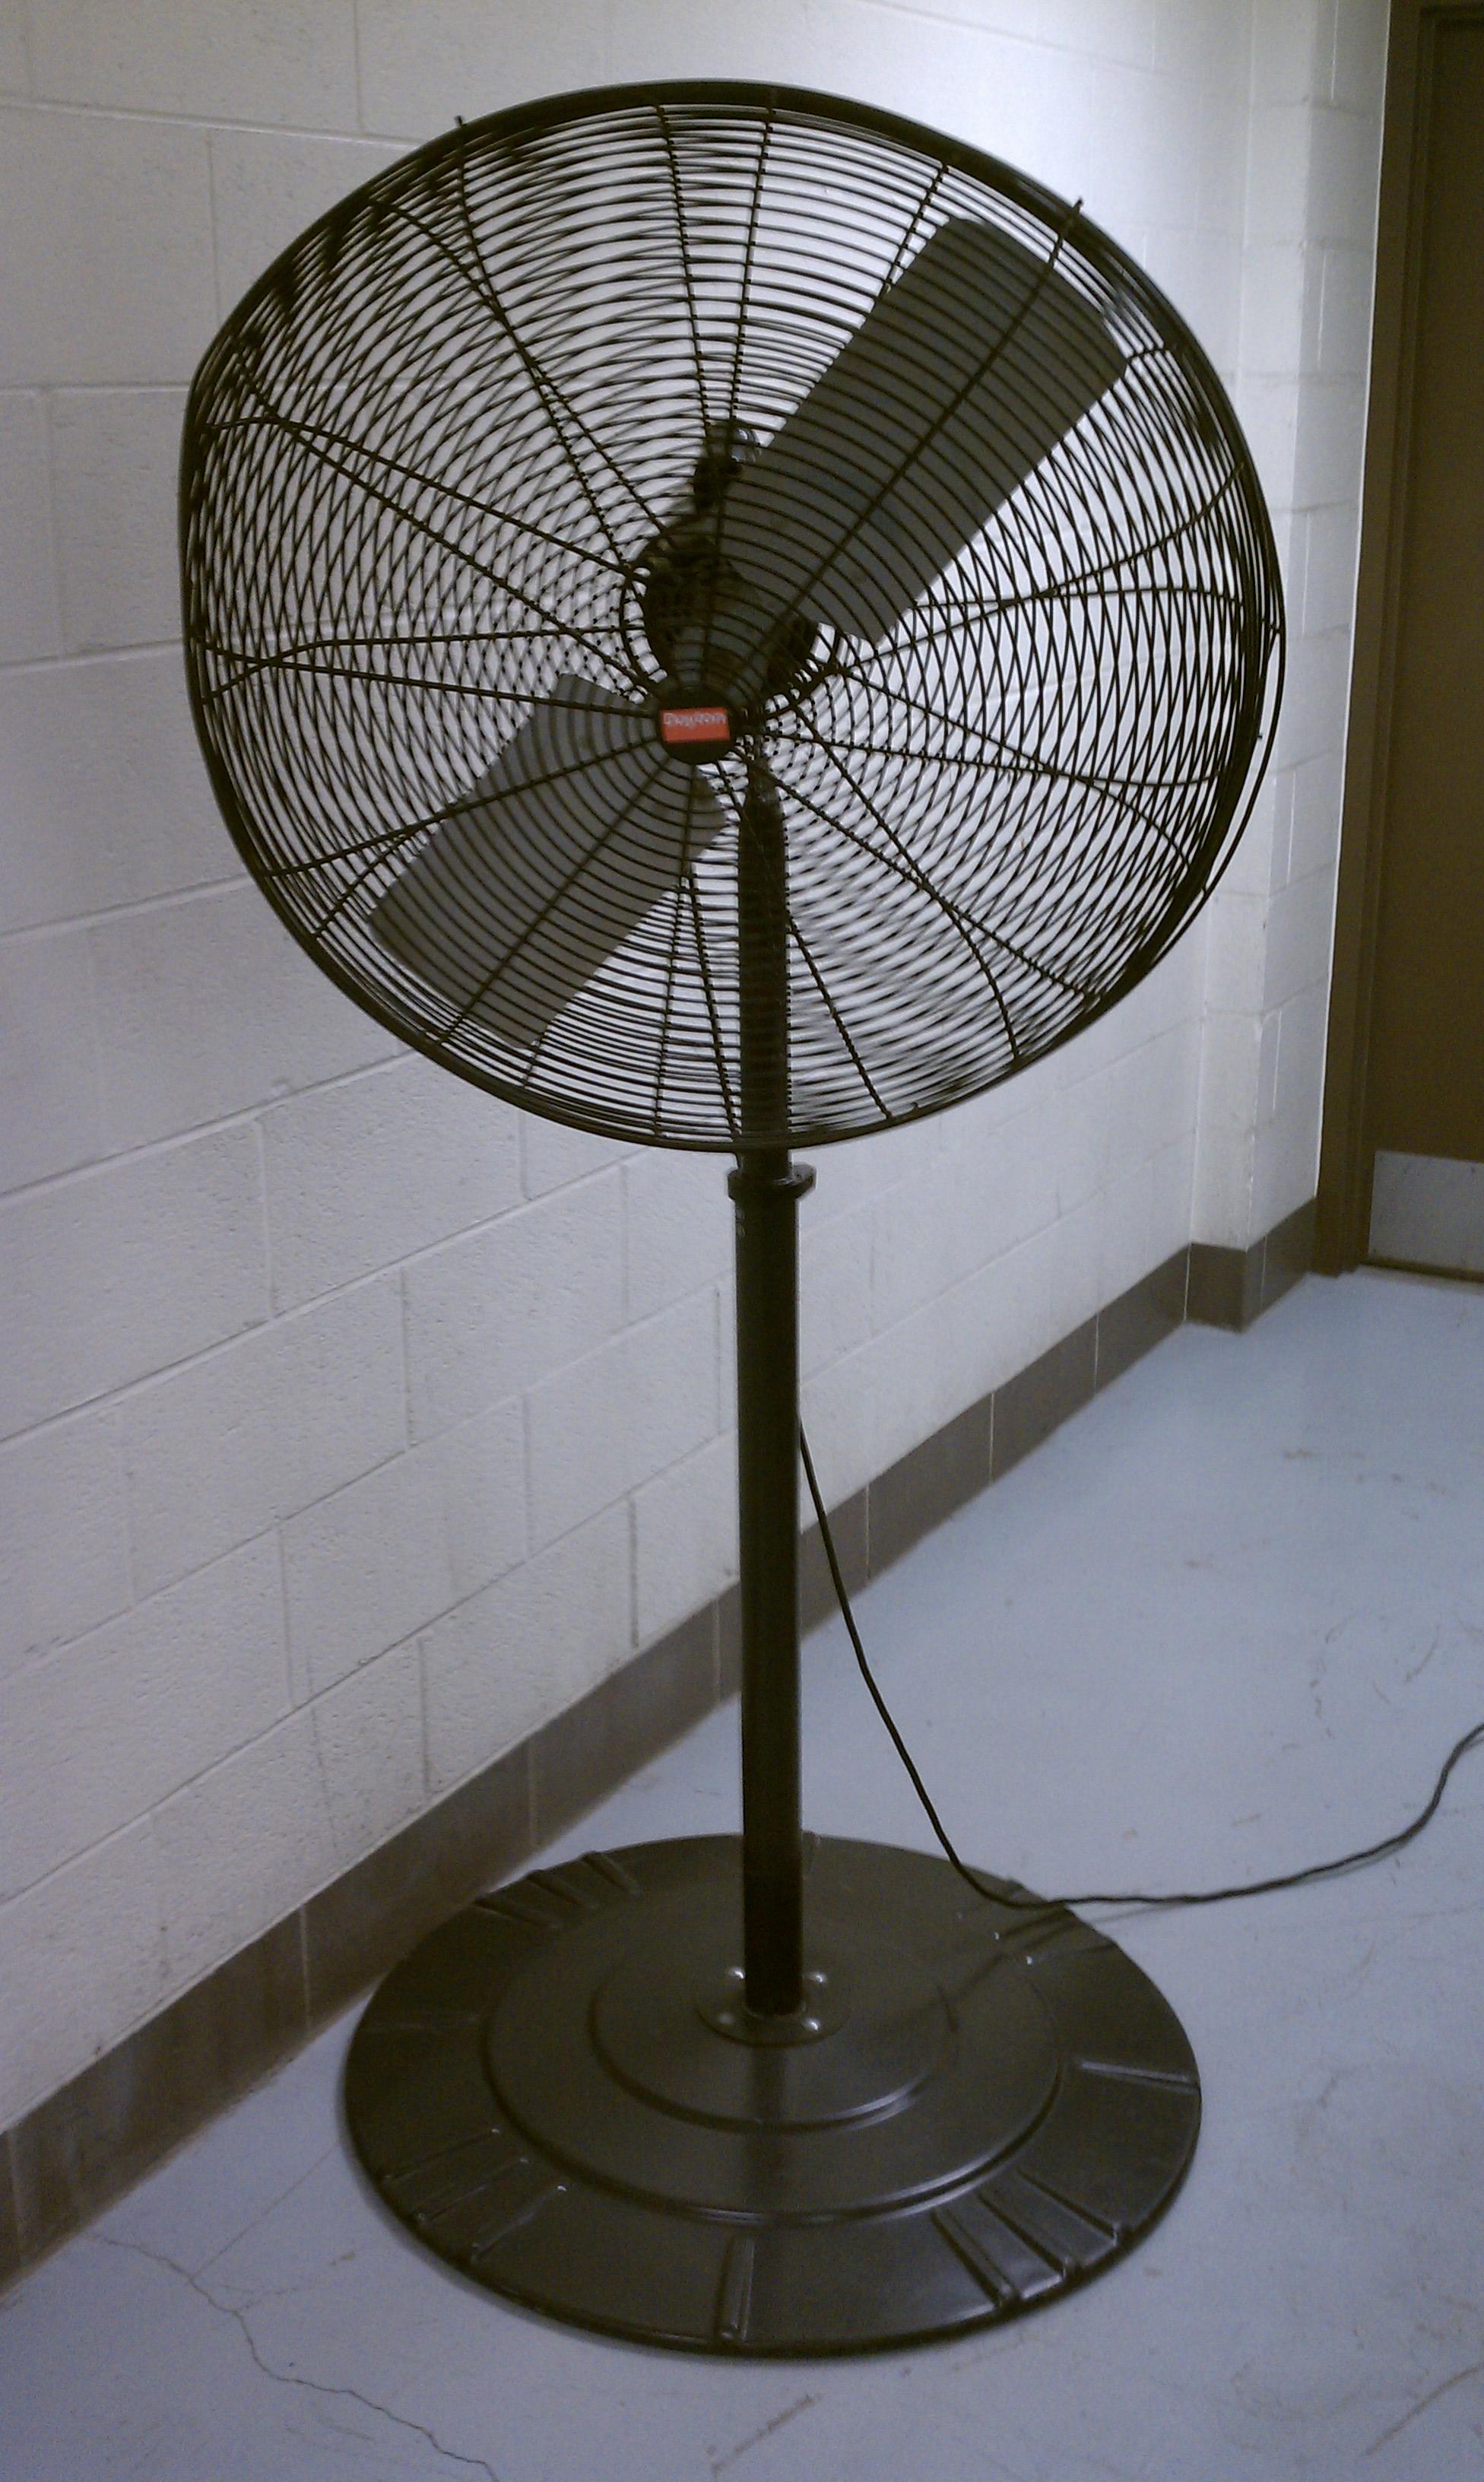 File:Dayton pedestal fan 2.jpg Wikimedia Commons #343023